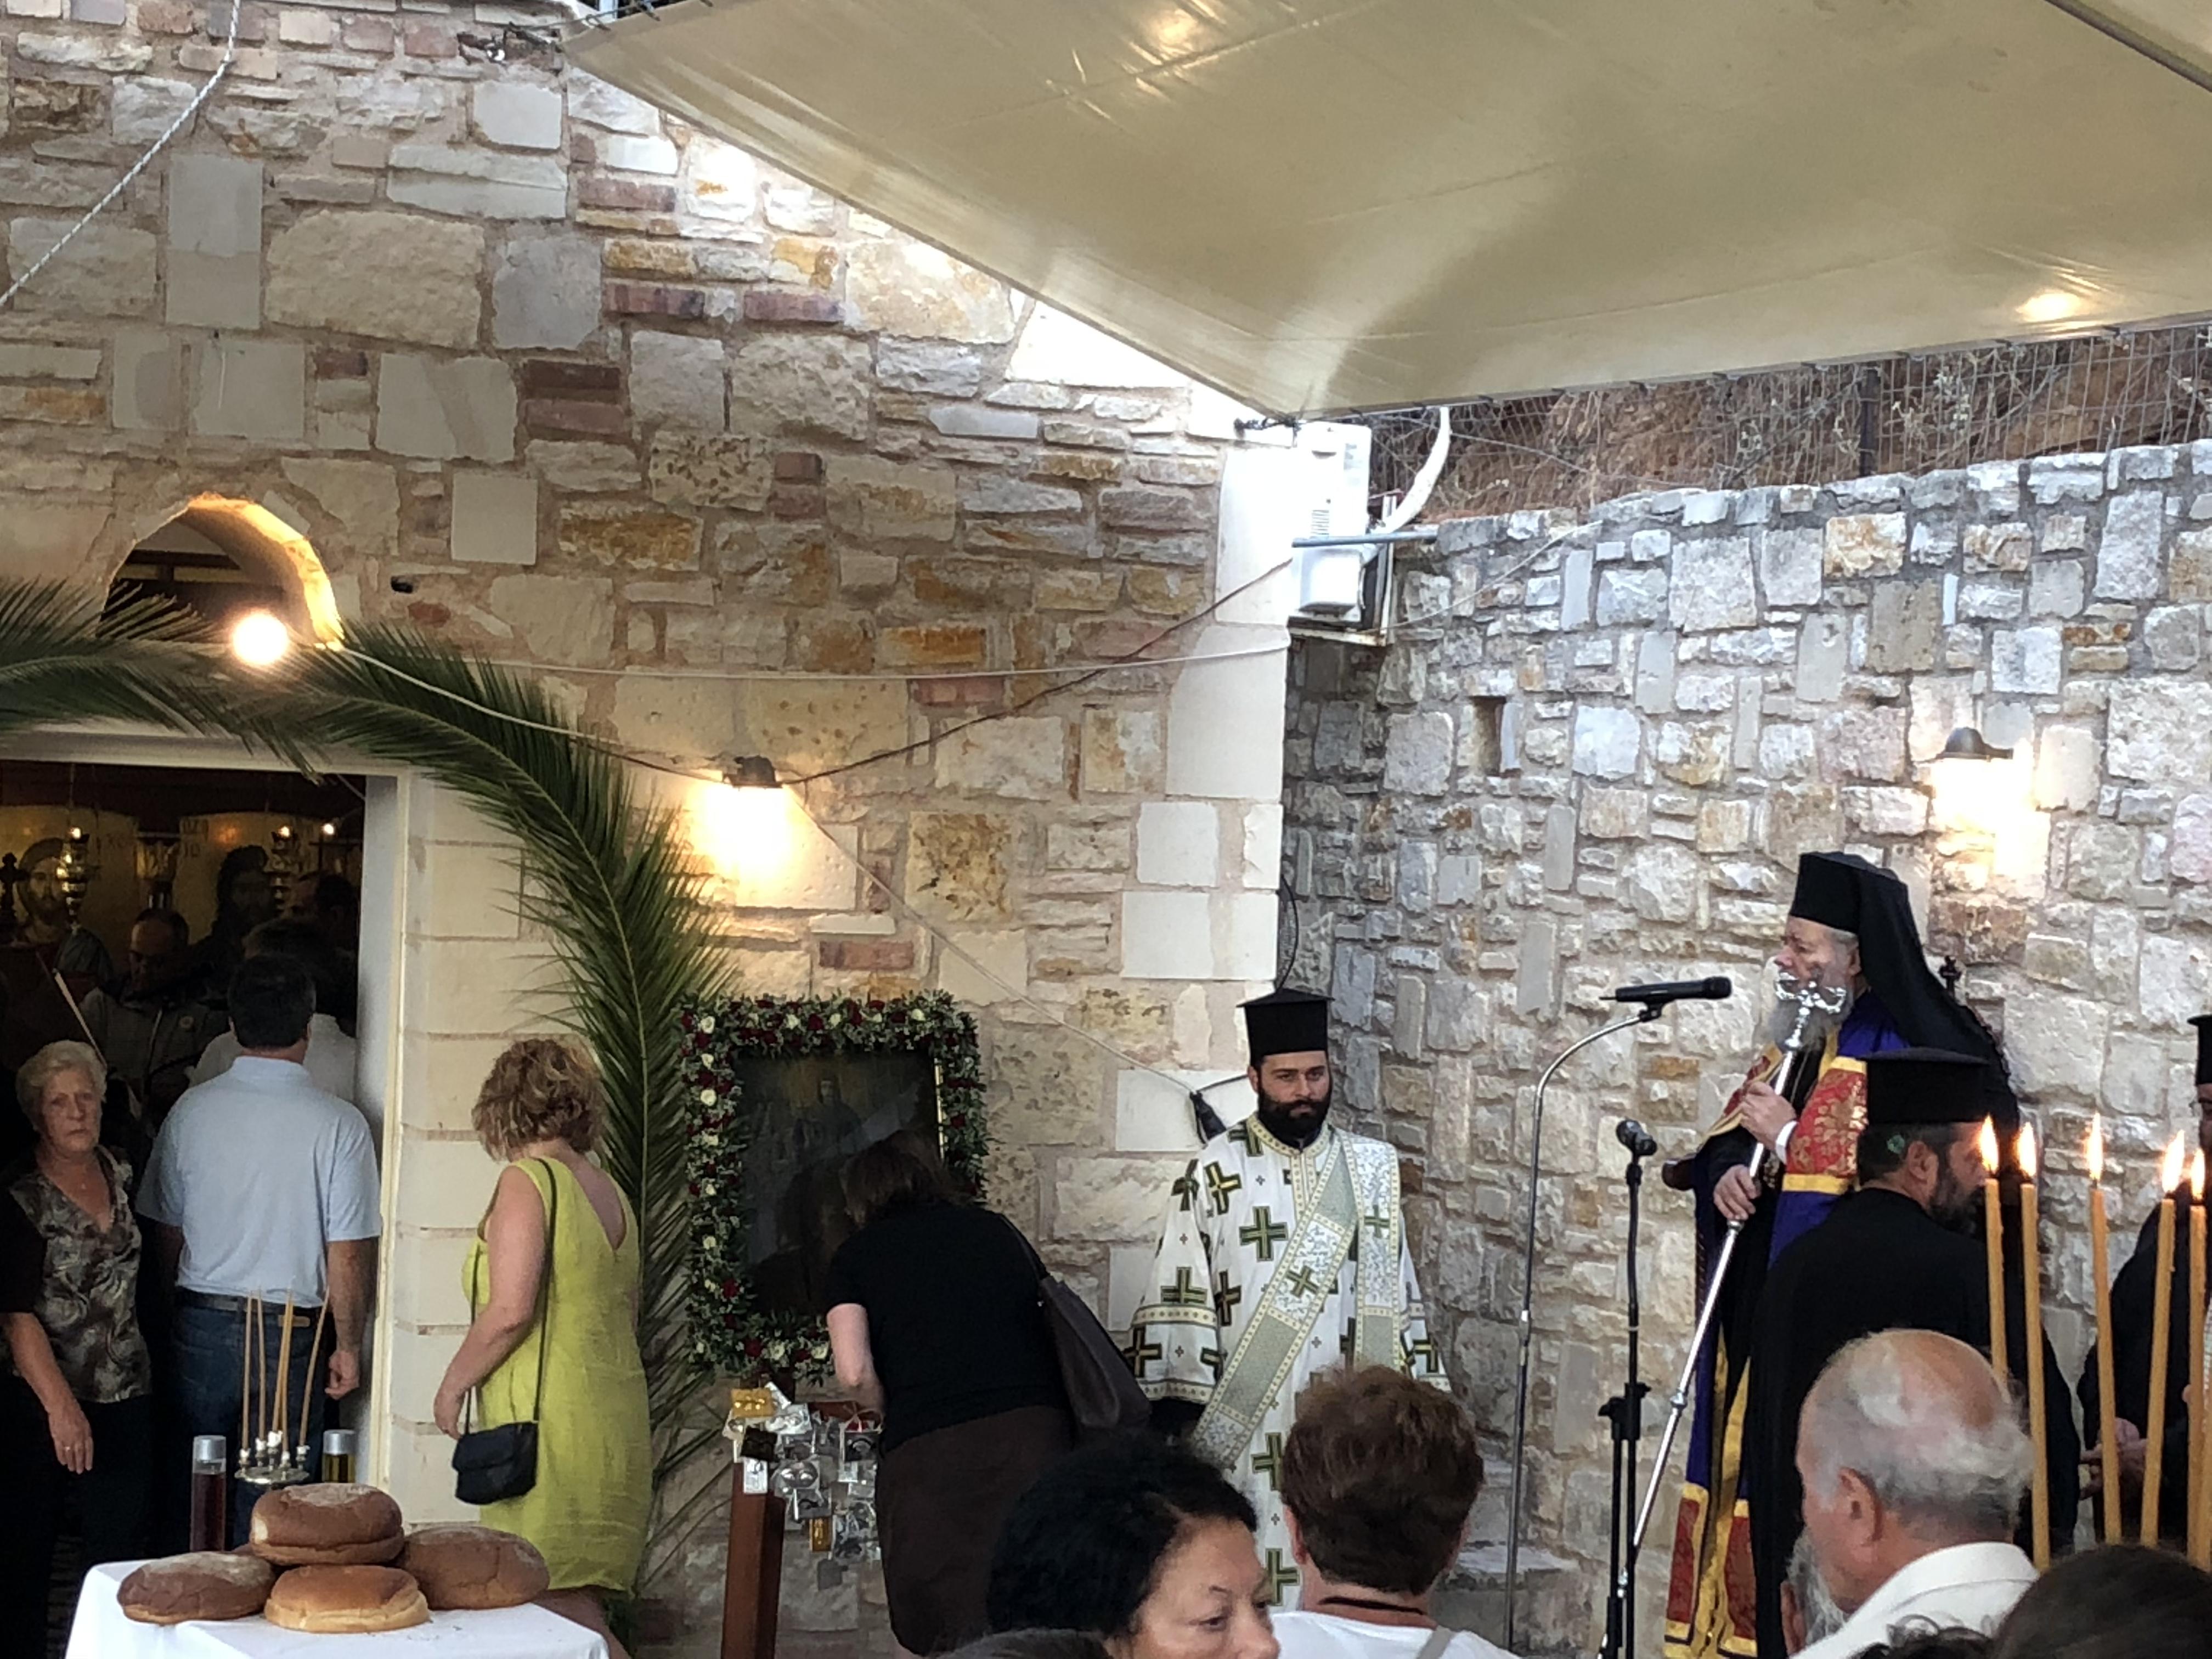 Ζωντανή σύνδεση στην Αγία Παρασκευή στο Πλατάνι Σούδας